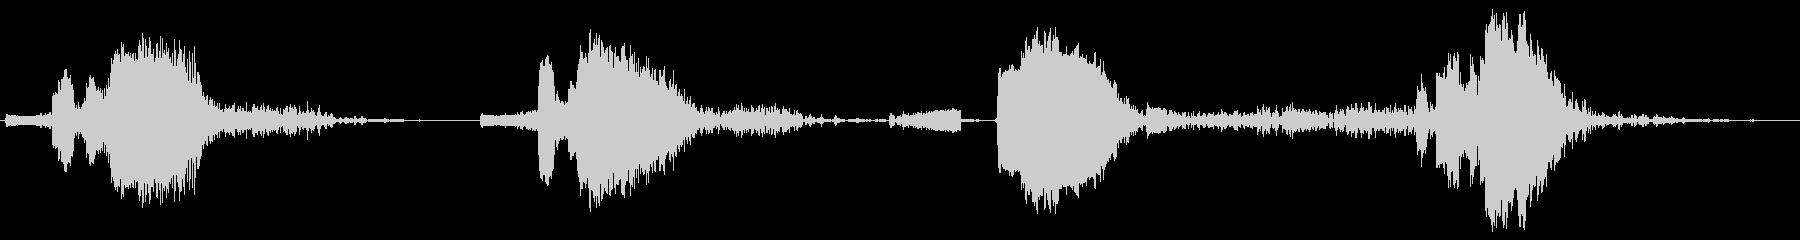 スターシップオーバーヘッドフレアx4の未再生の波形